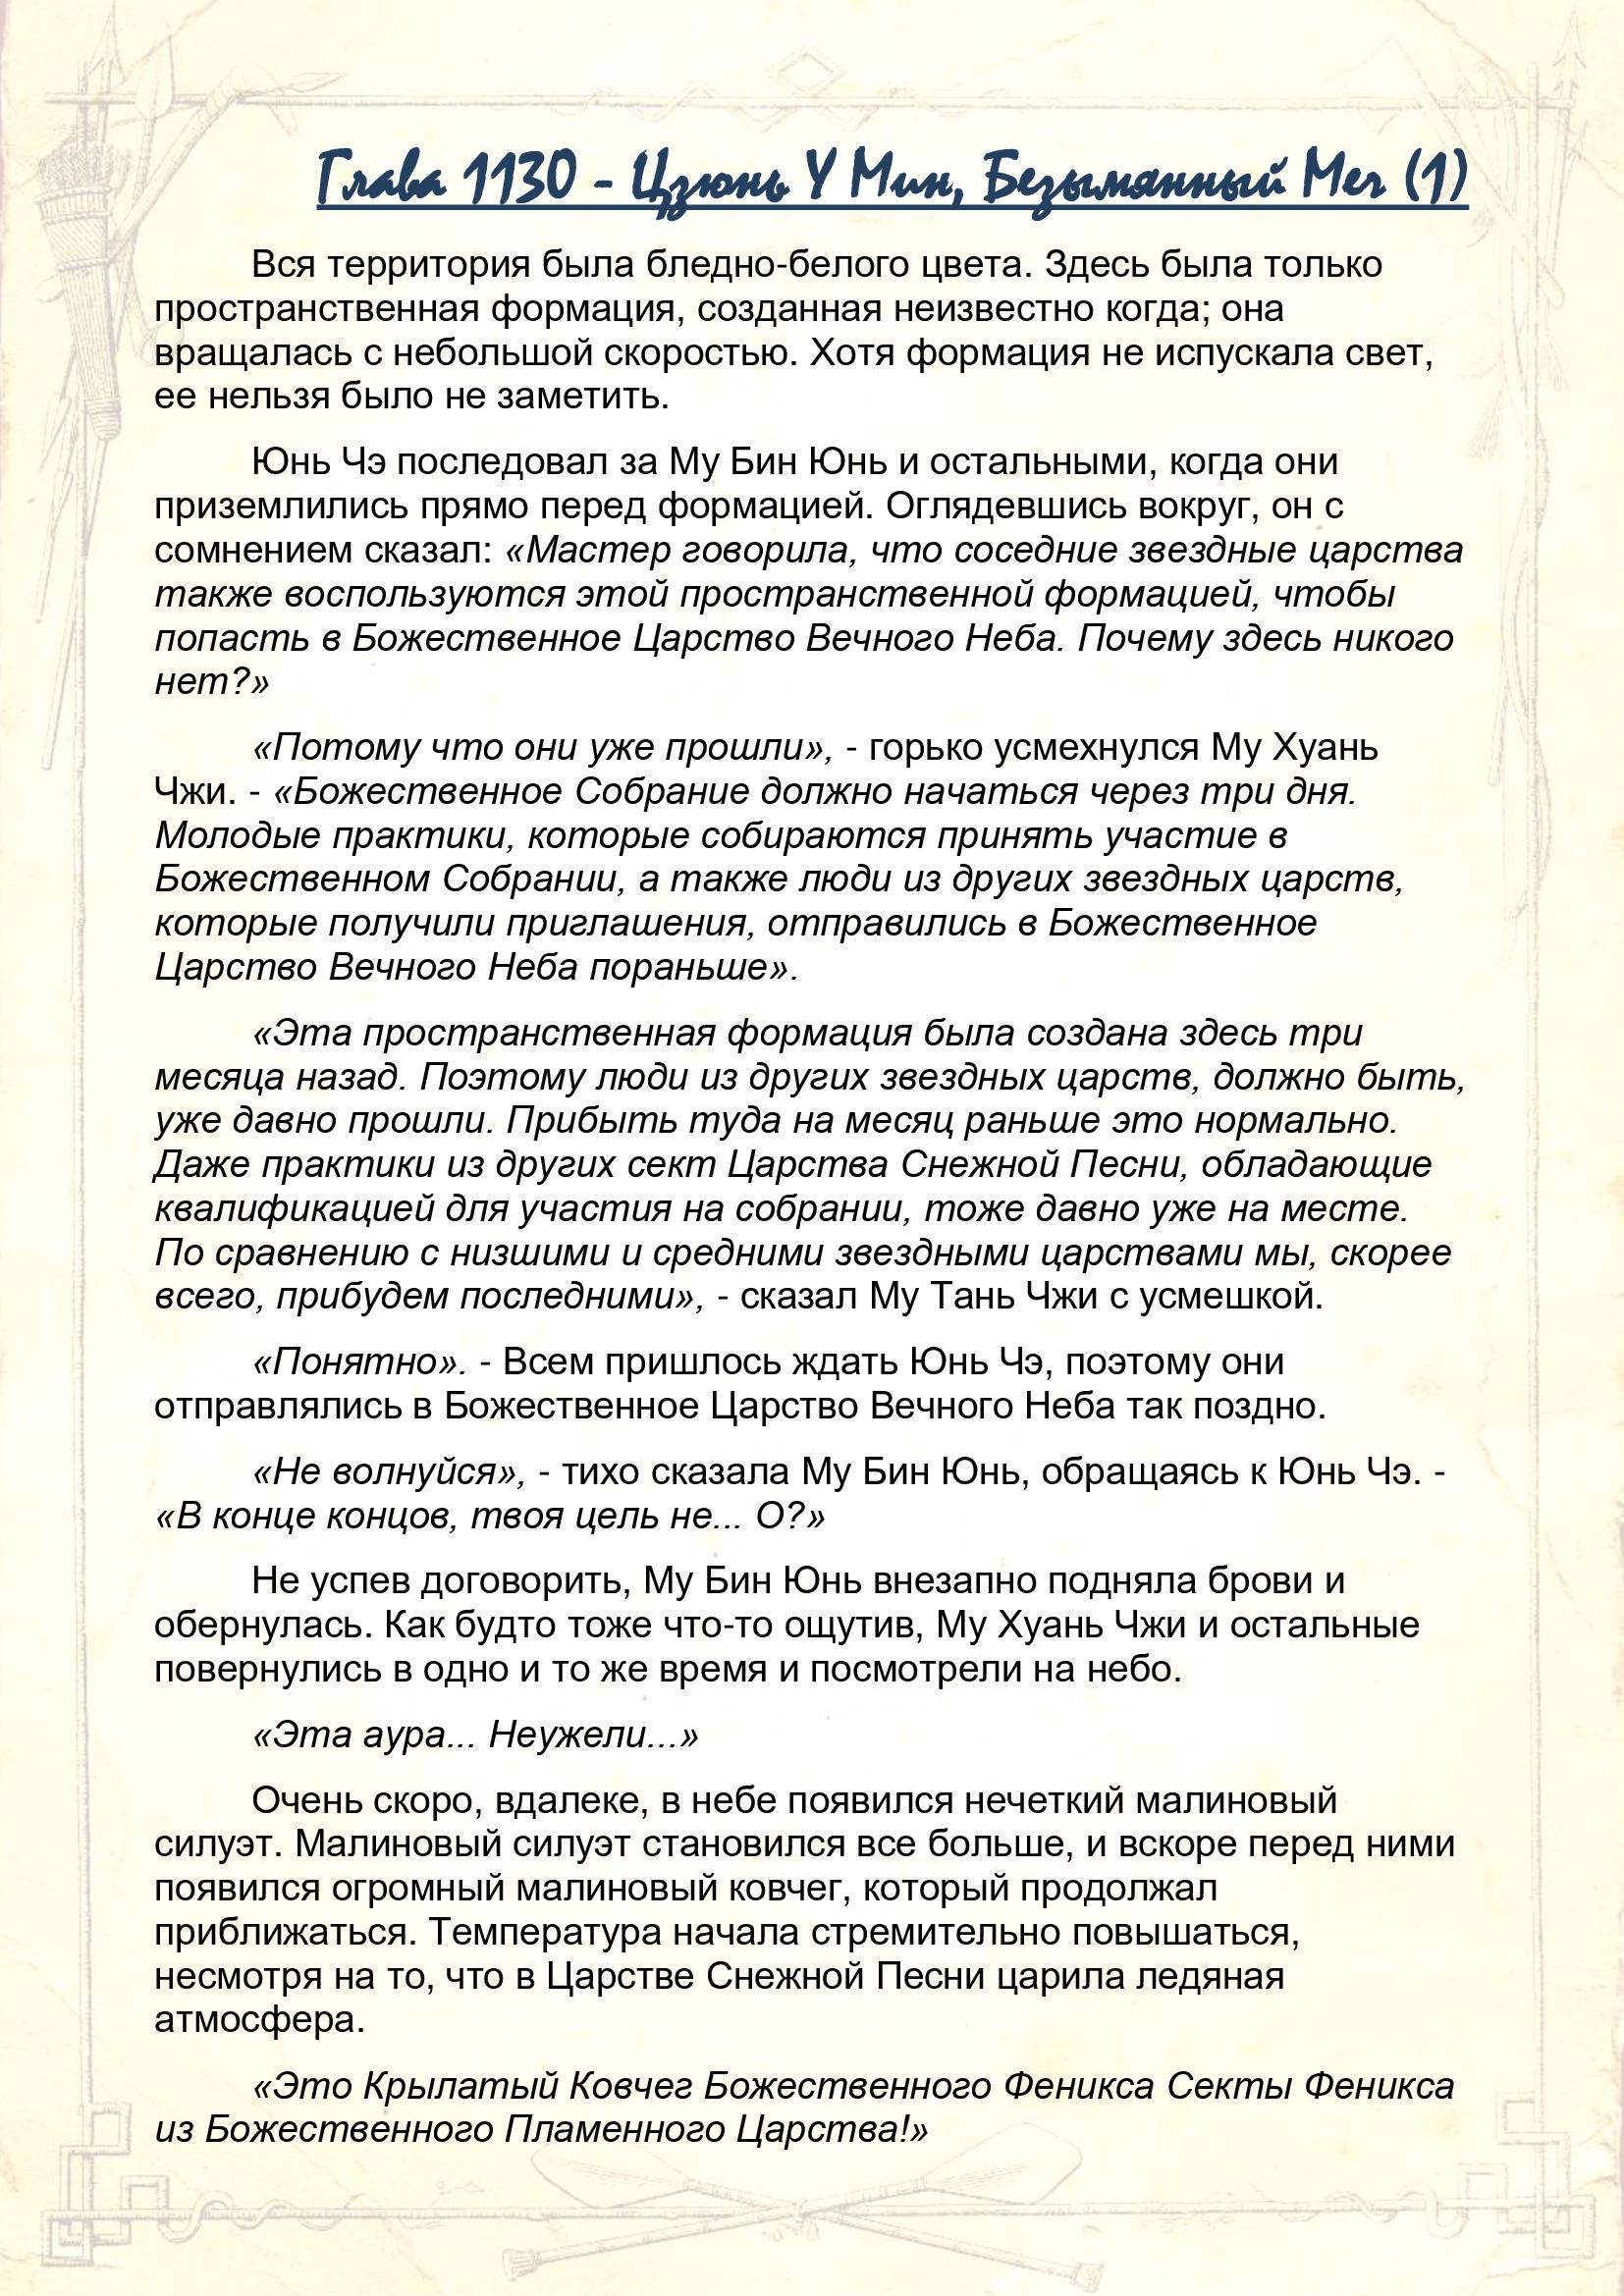 Восставший против Неба v9 - 1130 Цзюнь У Мин, Безымянный Меч (1)